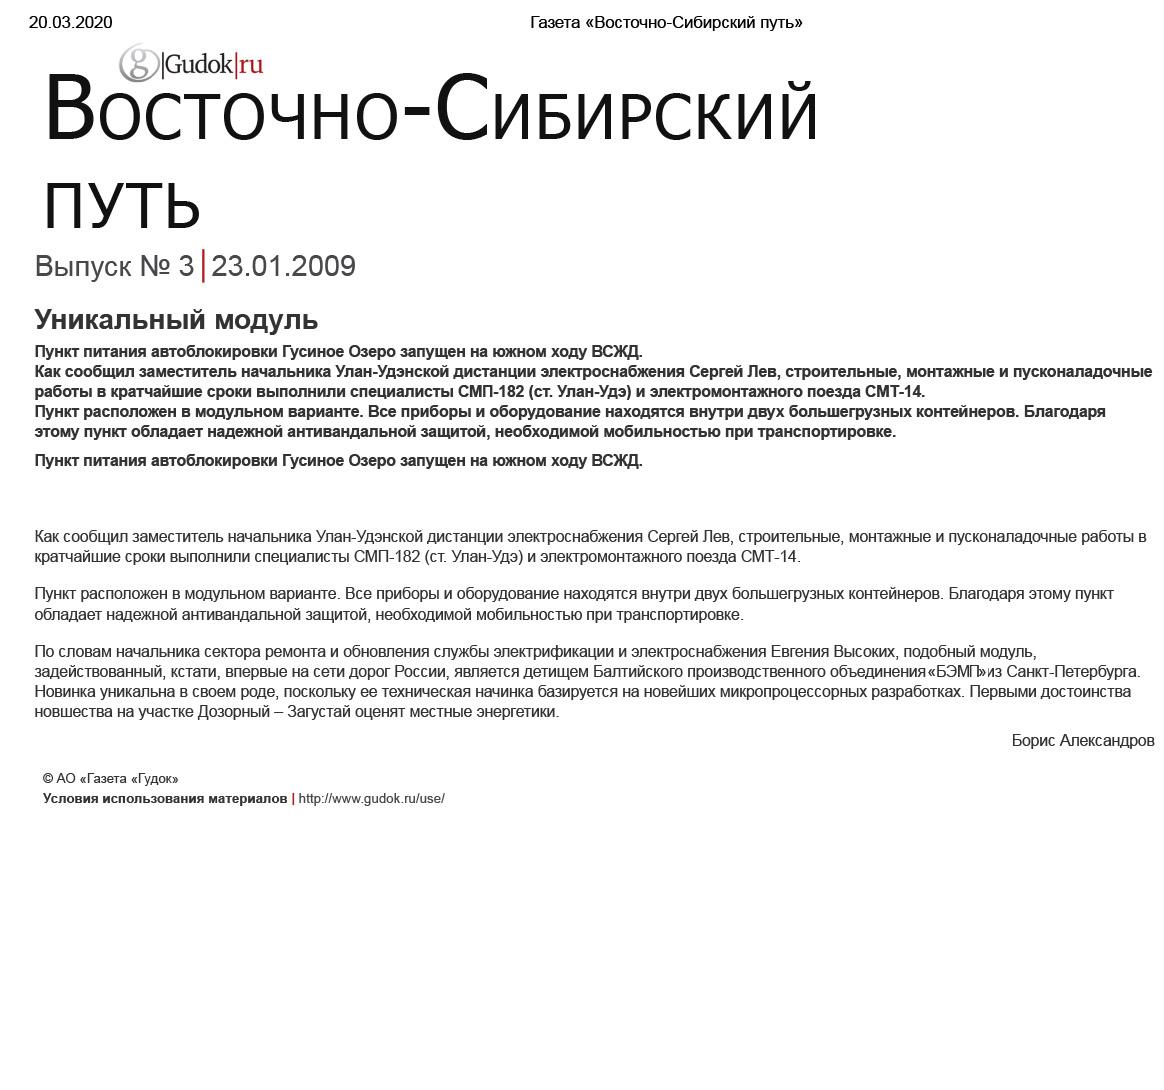 ВСЖД Филиал ОАО РЖД Газета Восточно-Сибирский путь-52